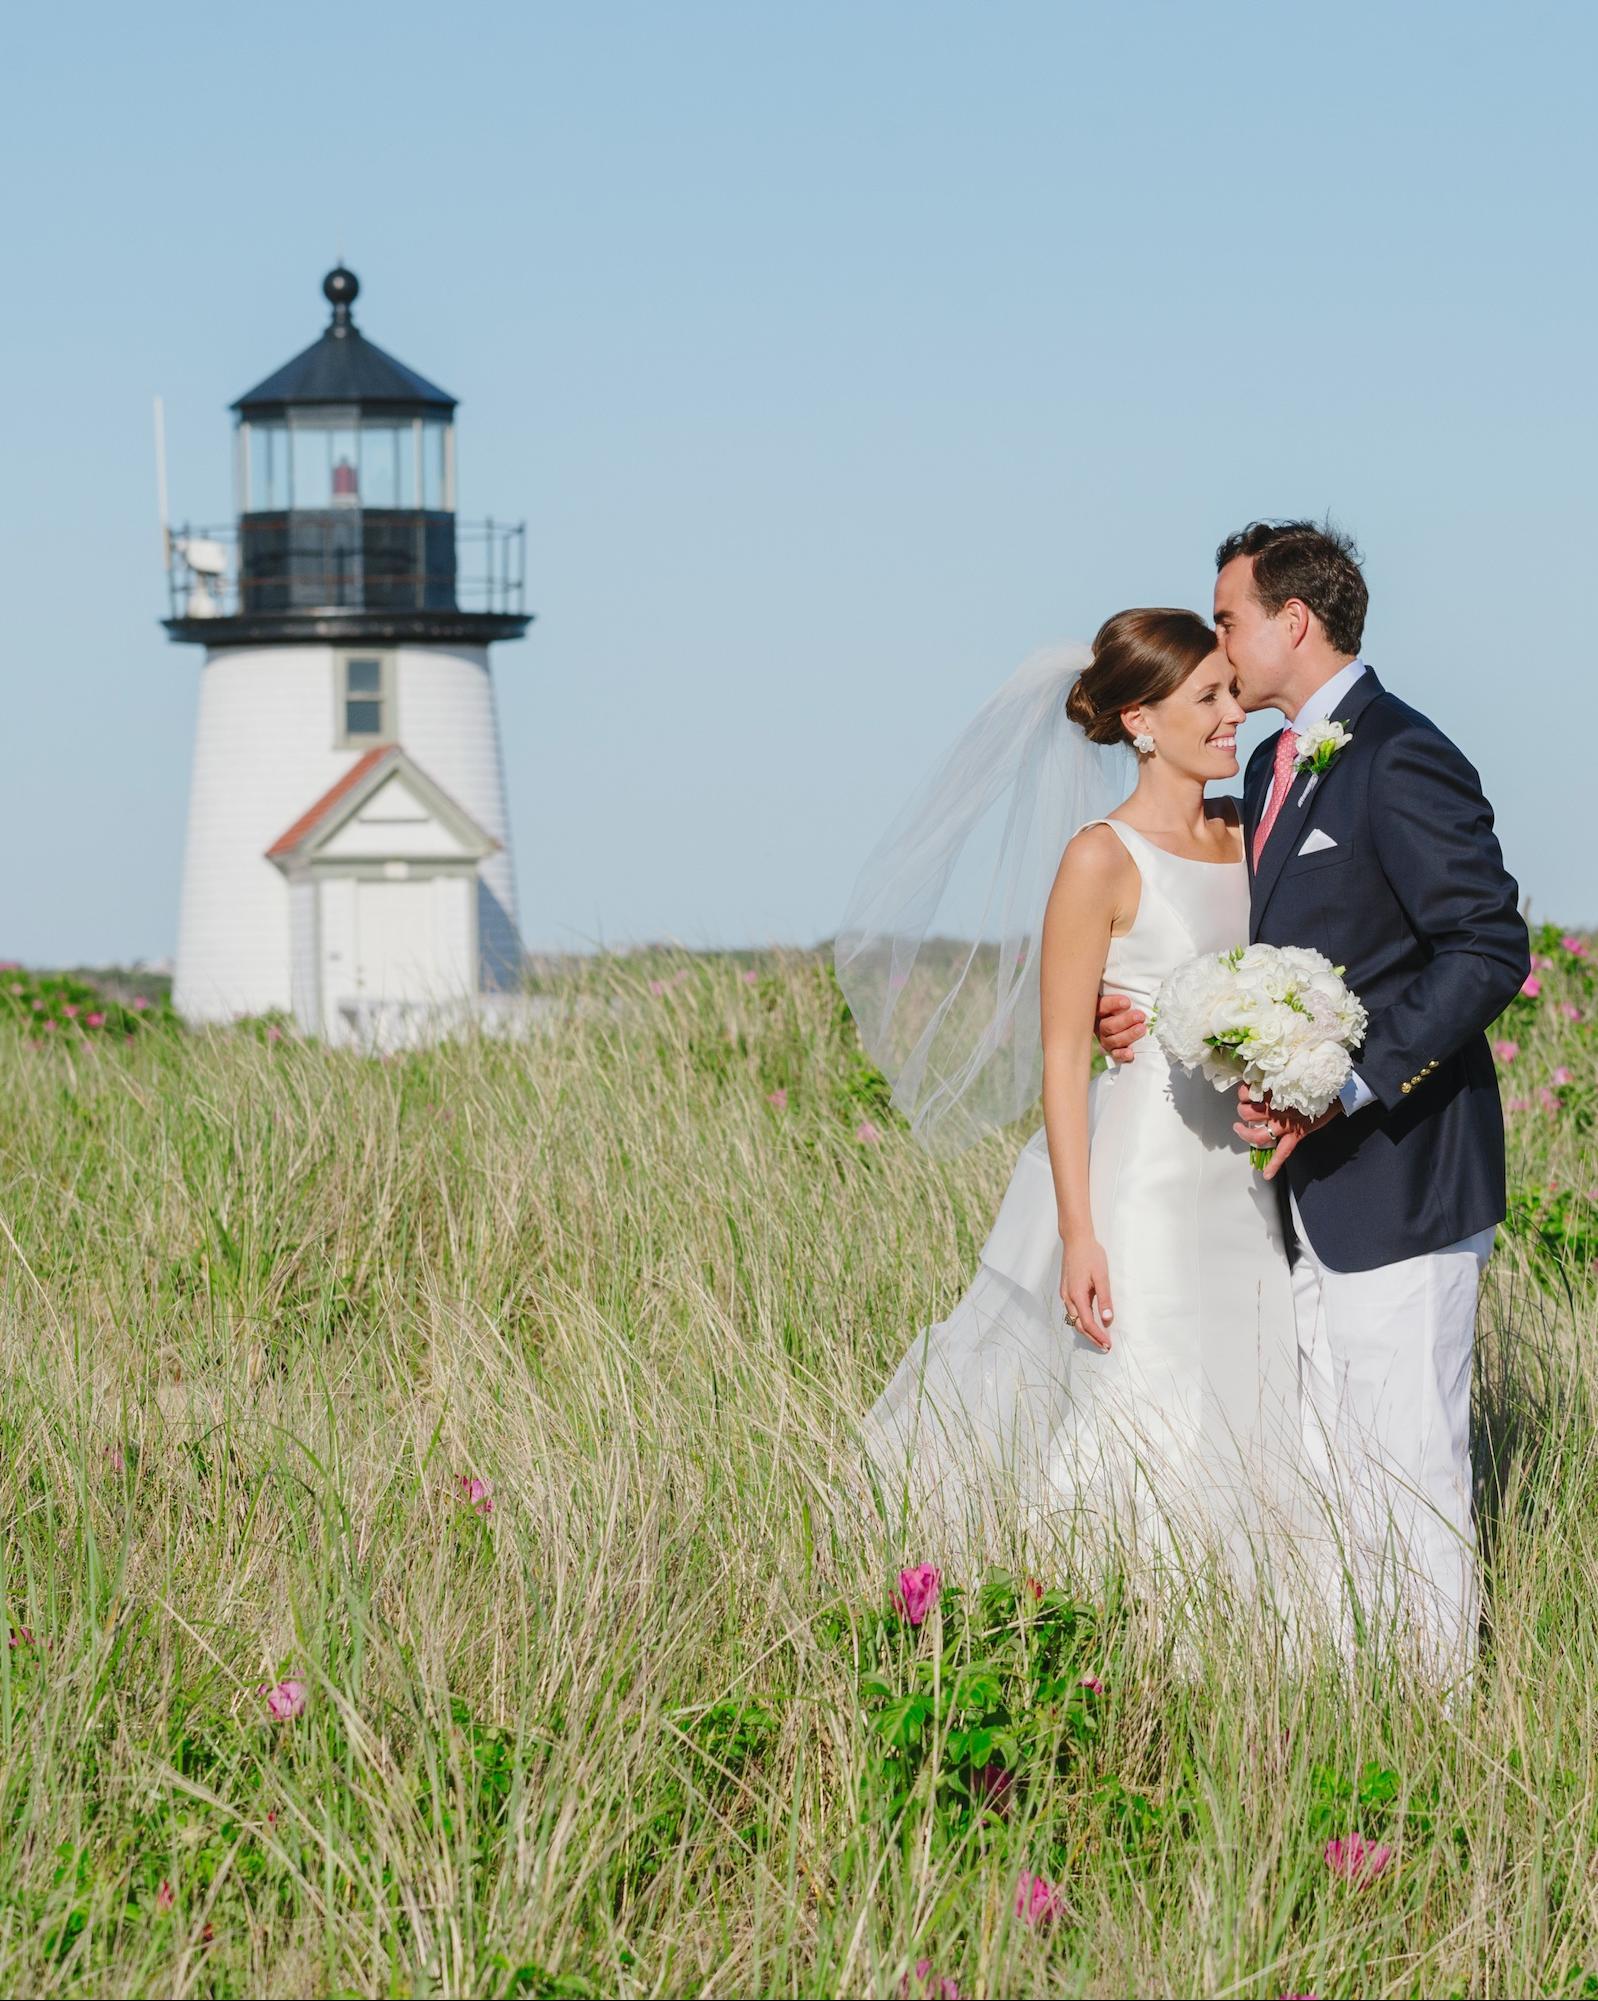 nautical-weddings-style-0330.jpg